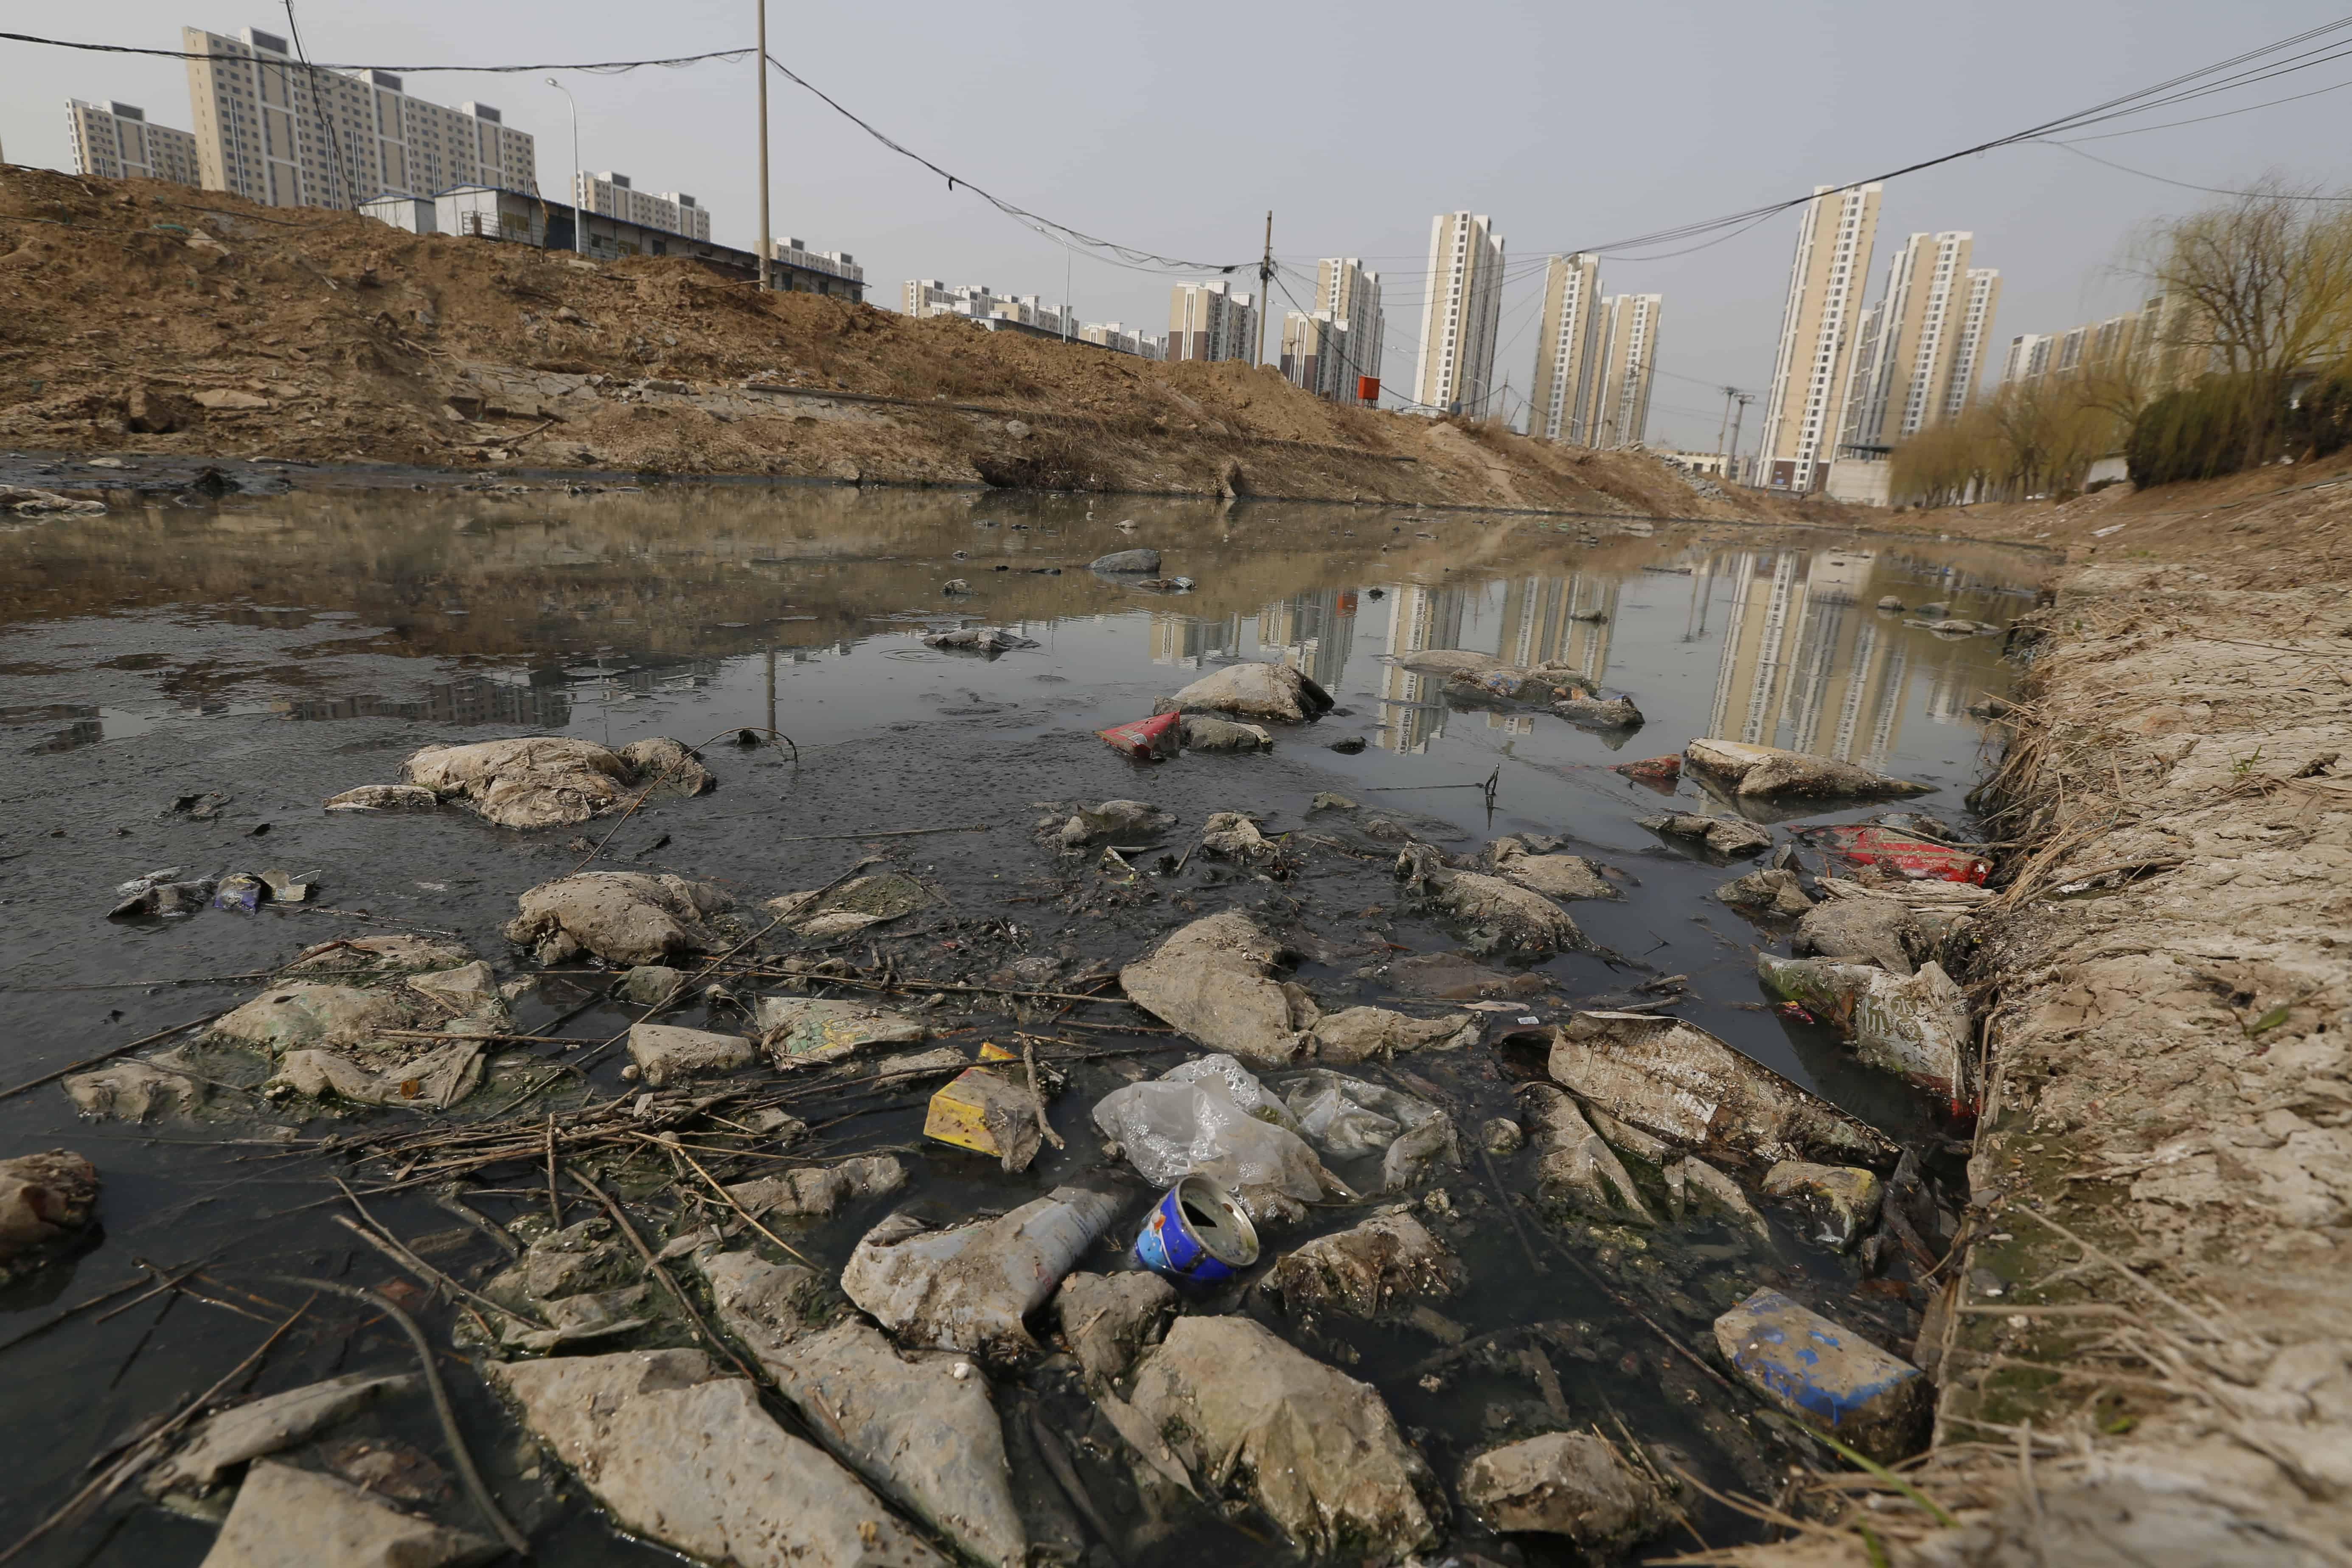 Een vervuilde rivier vol plastic afval in China met wolkenkrabbers op de achtergrond.